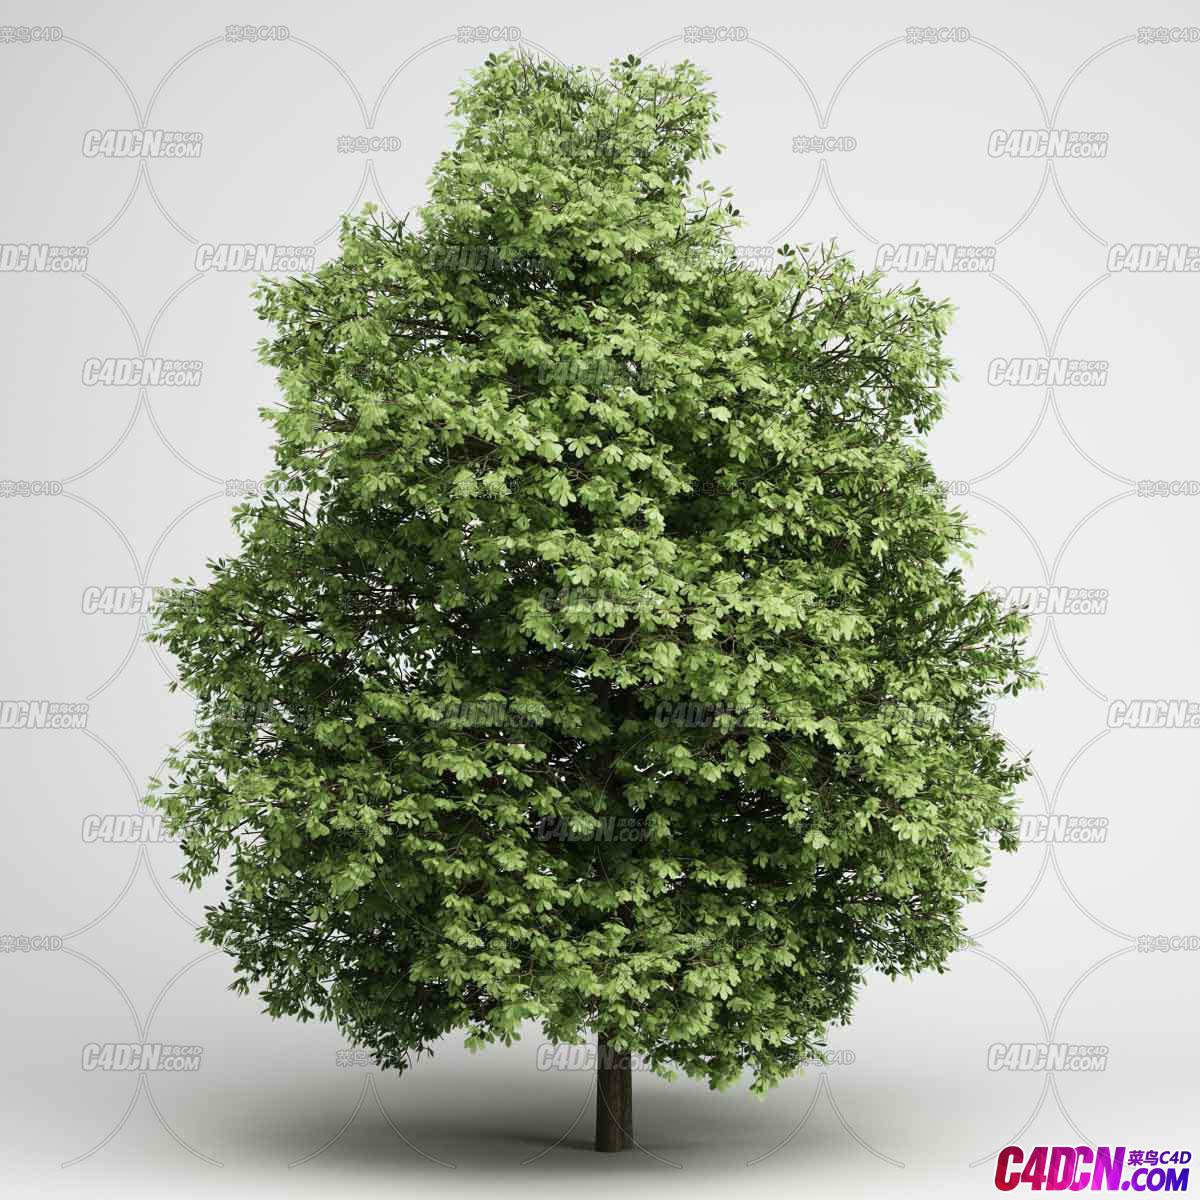 夏季浓密树叶大树植物C4D模型